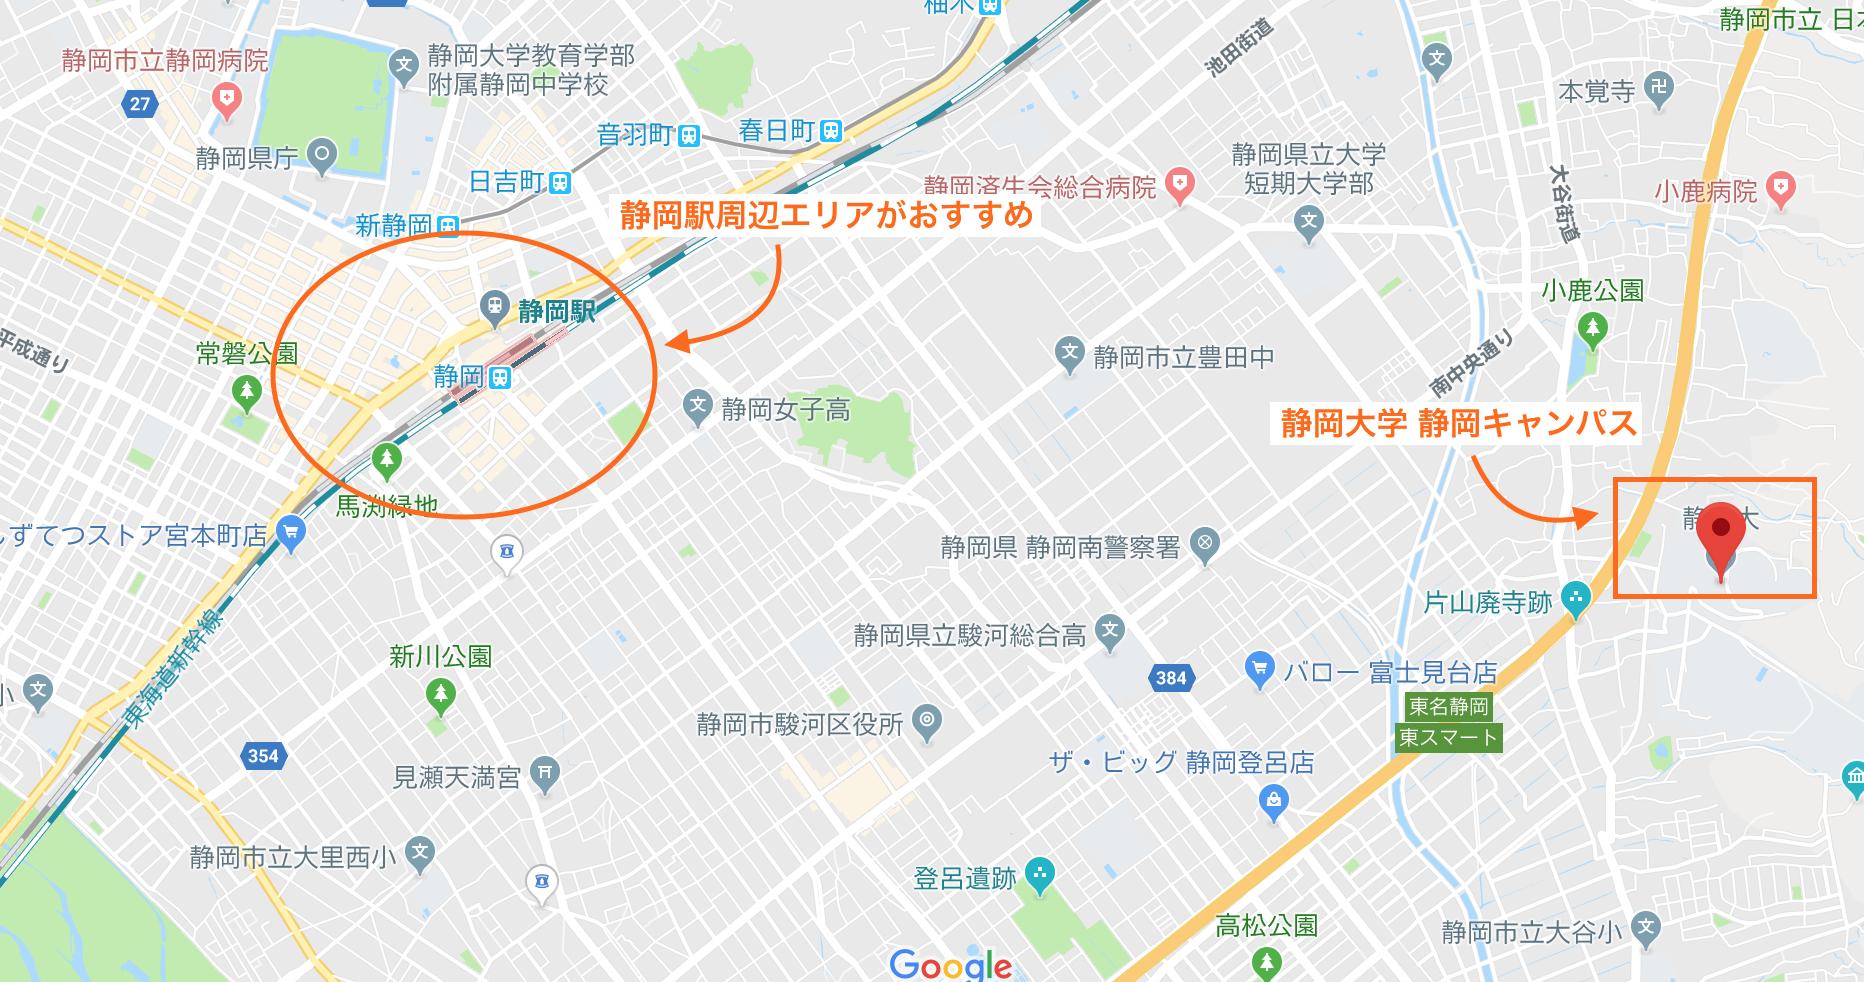 静岡大学の静岡キャンパス周辺の宿泊エリア